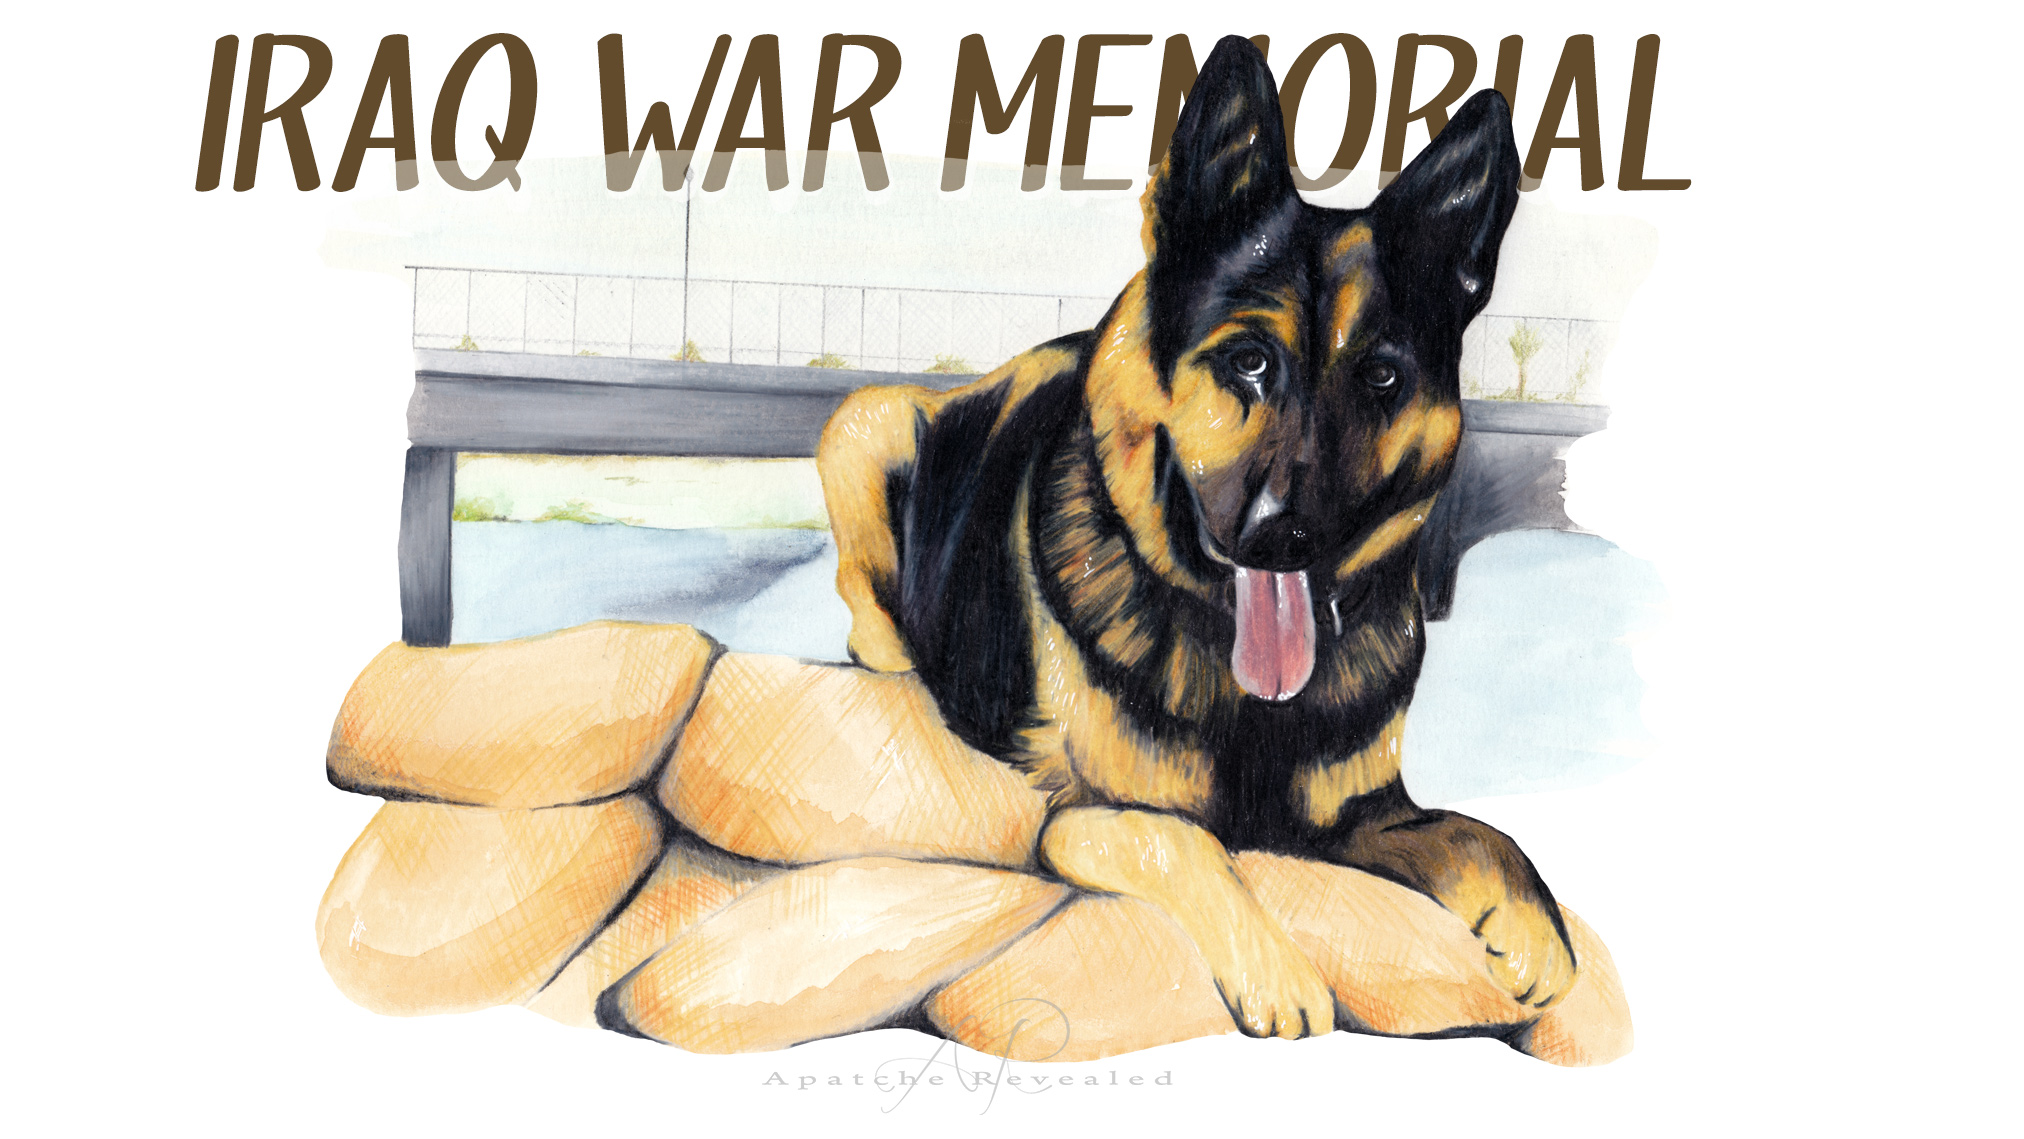 Iraq War Dog